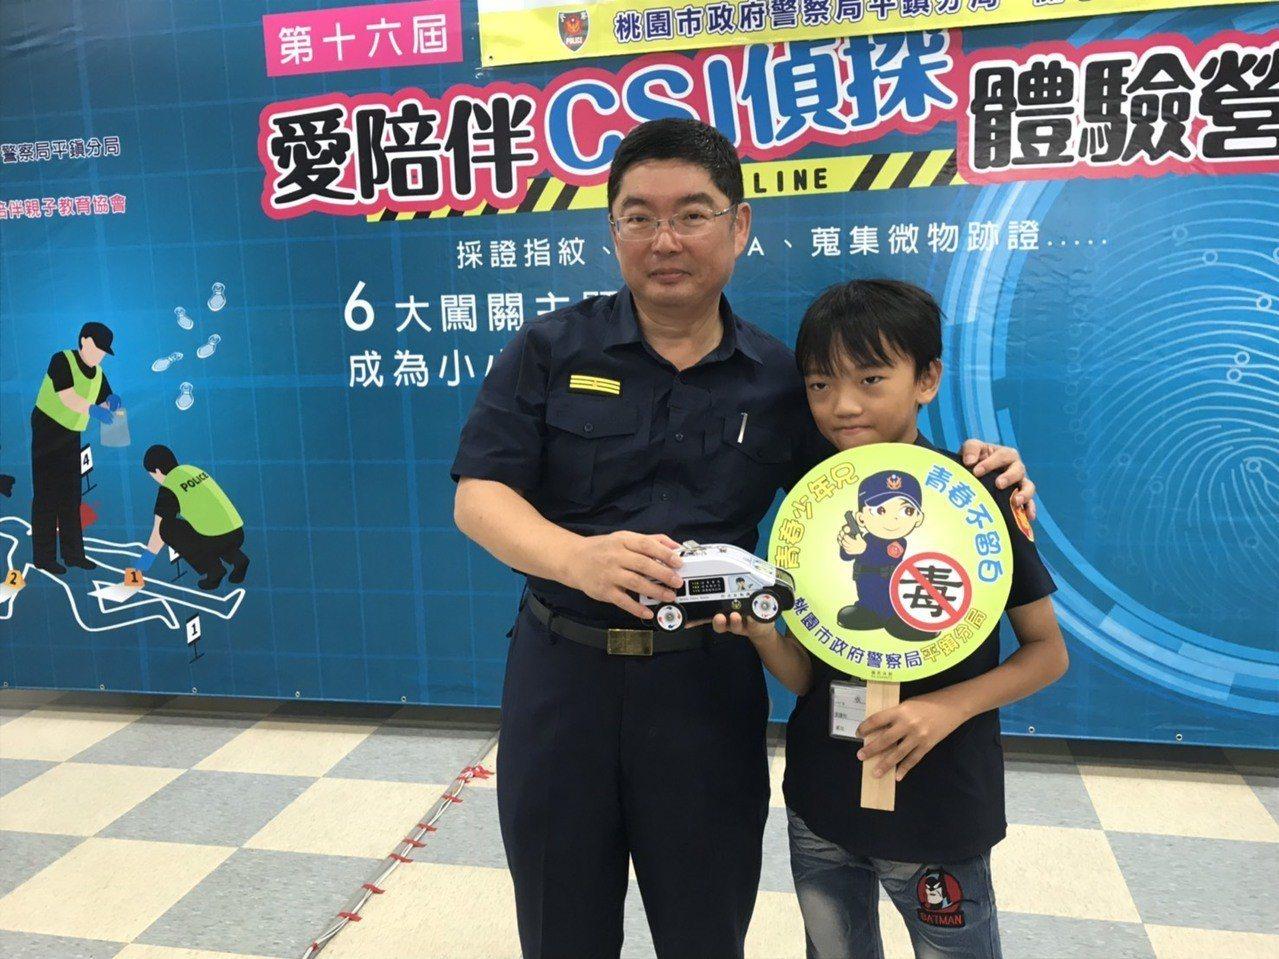 平鎮警分局暑假青春波麗士神探體驗營,贈有獎徵答紀念品。記者張弘昌/攝影